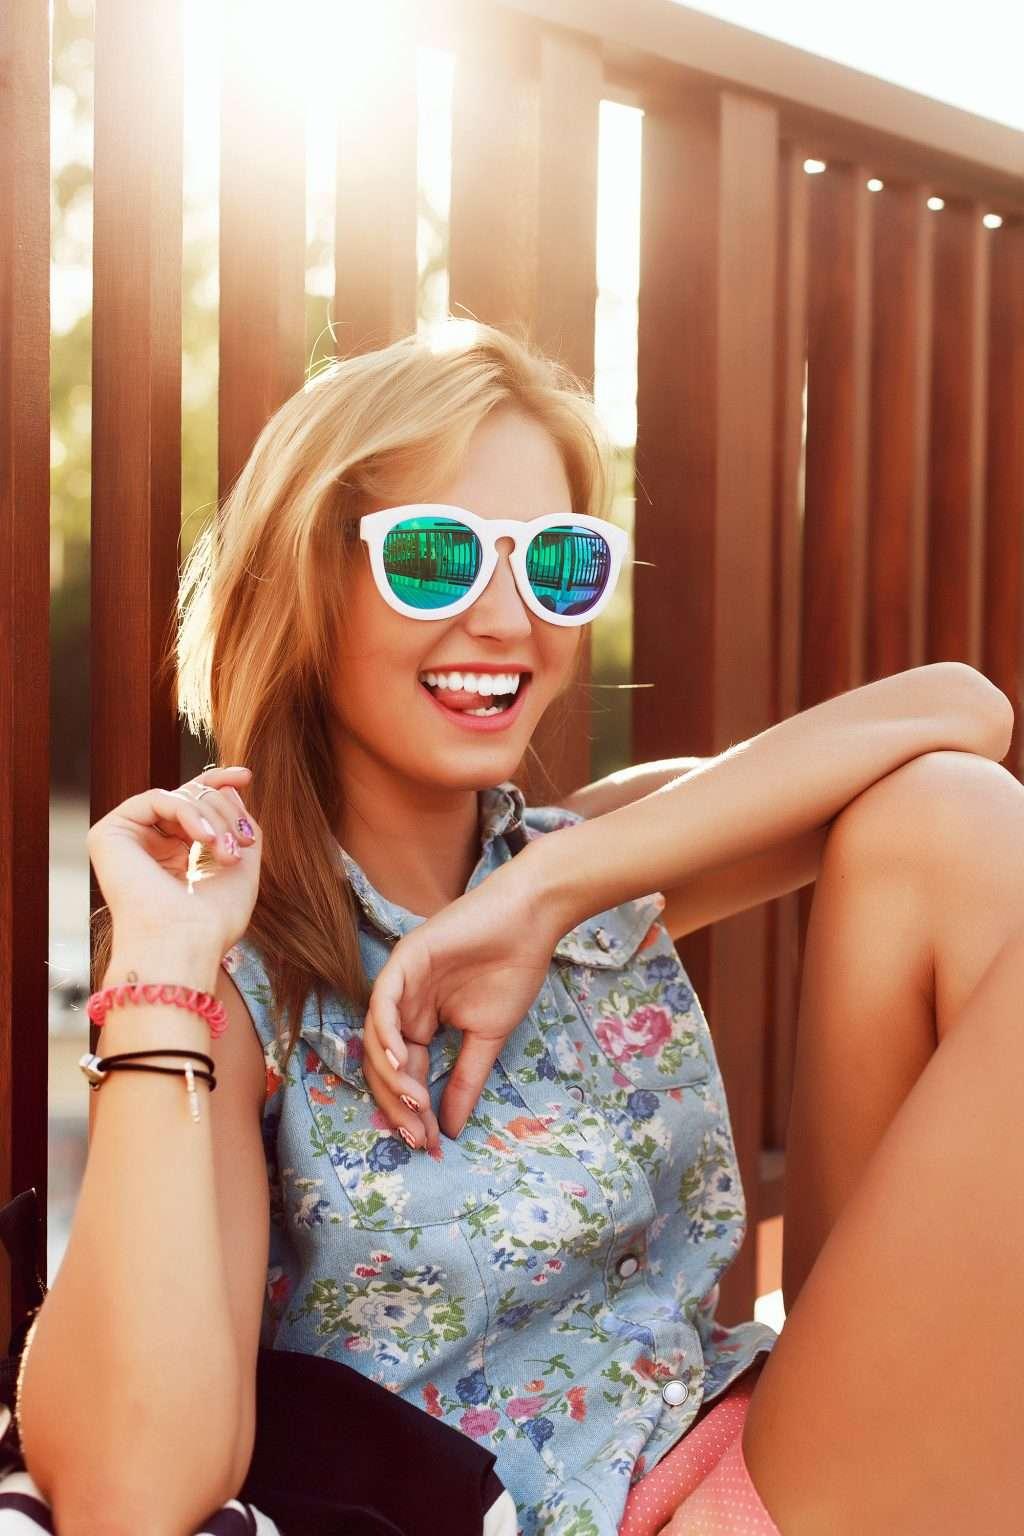 Rubrica Benessere, come scegliere le lenti per gli occhiali da sole